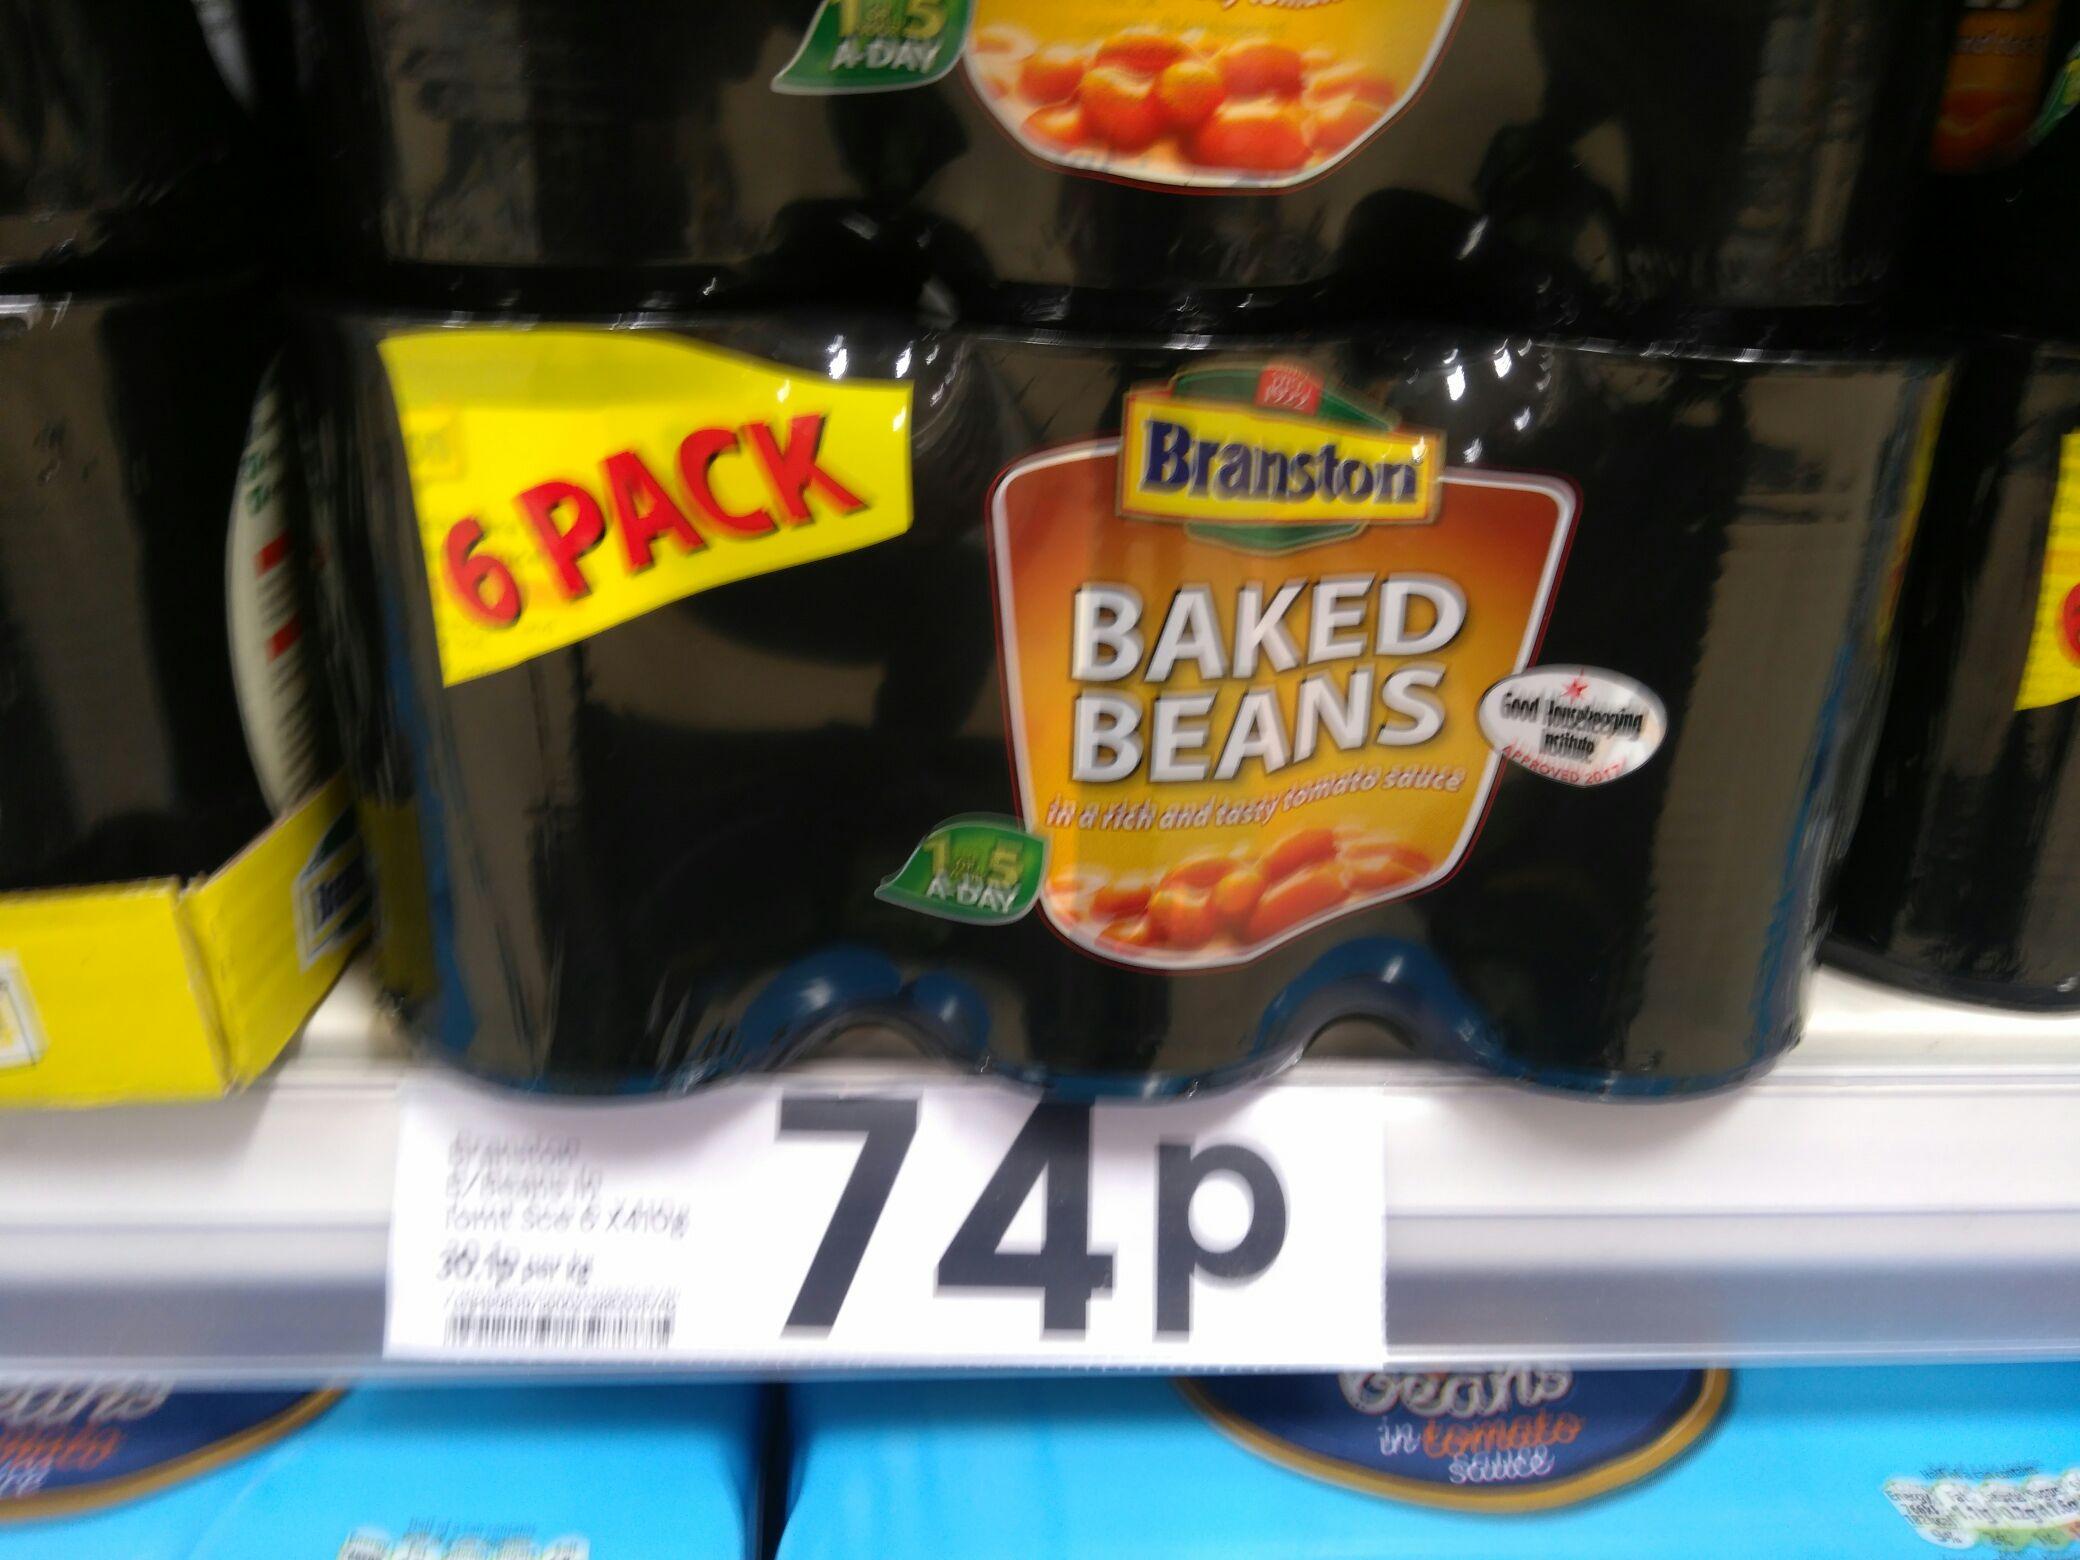 6 X Branston baked beans 74p instore in Tesco Hoyland nr Barnsley